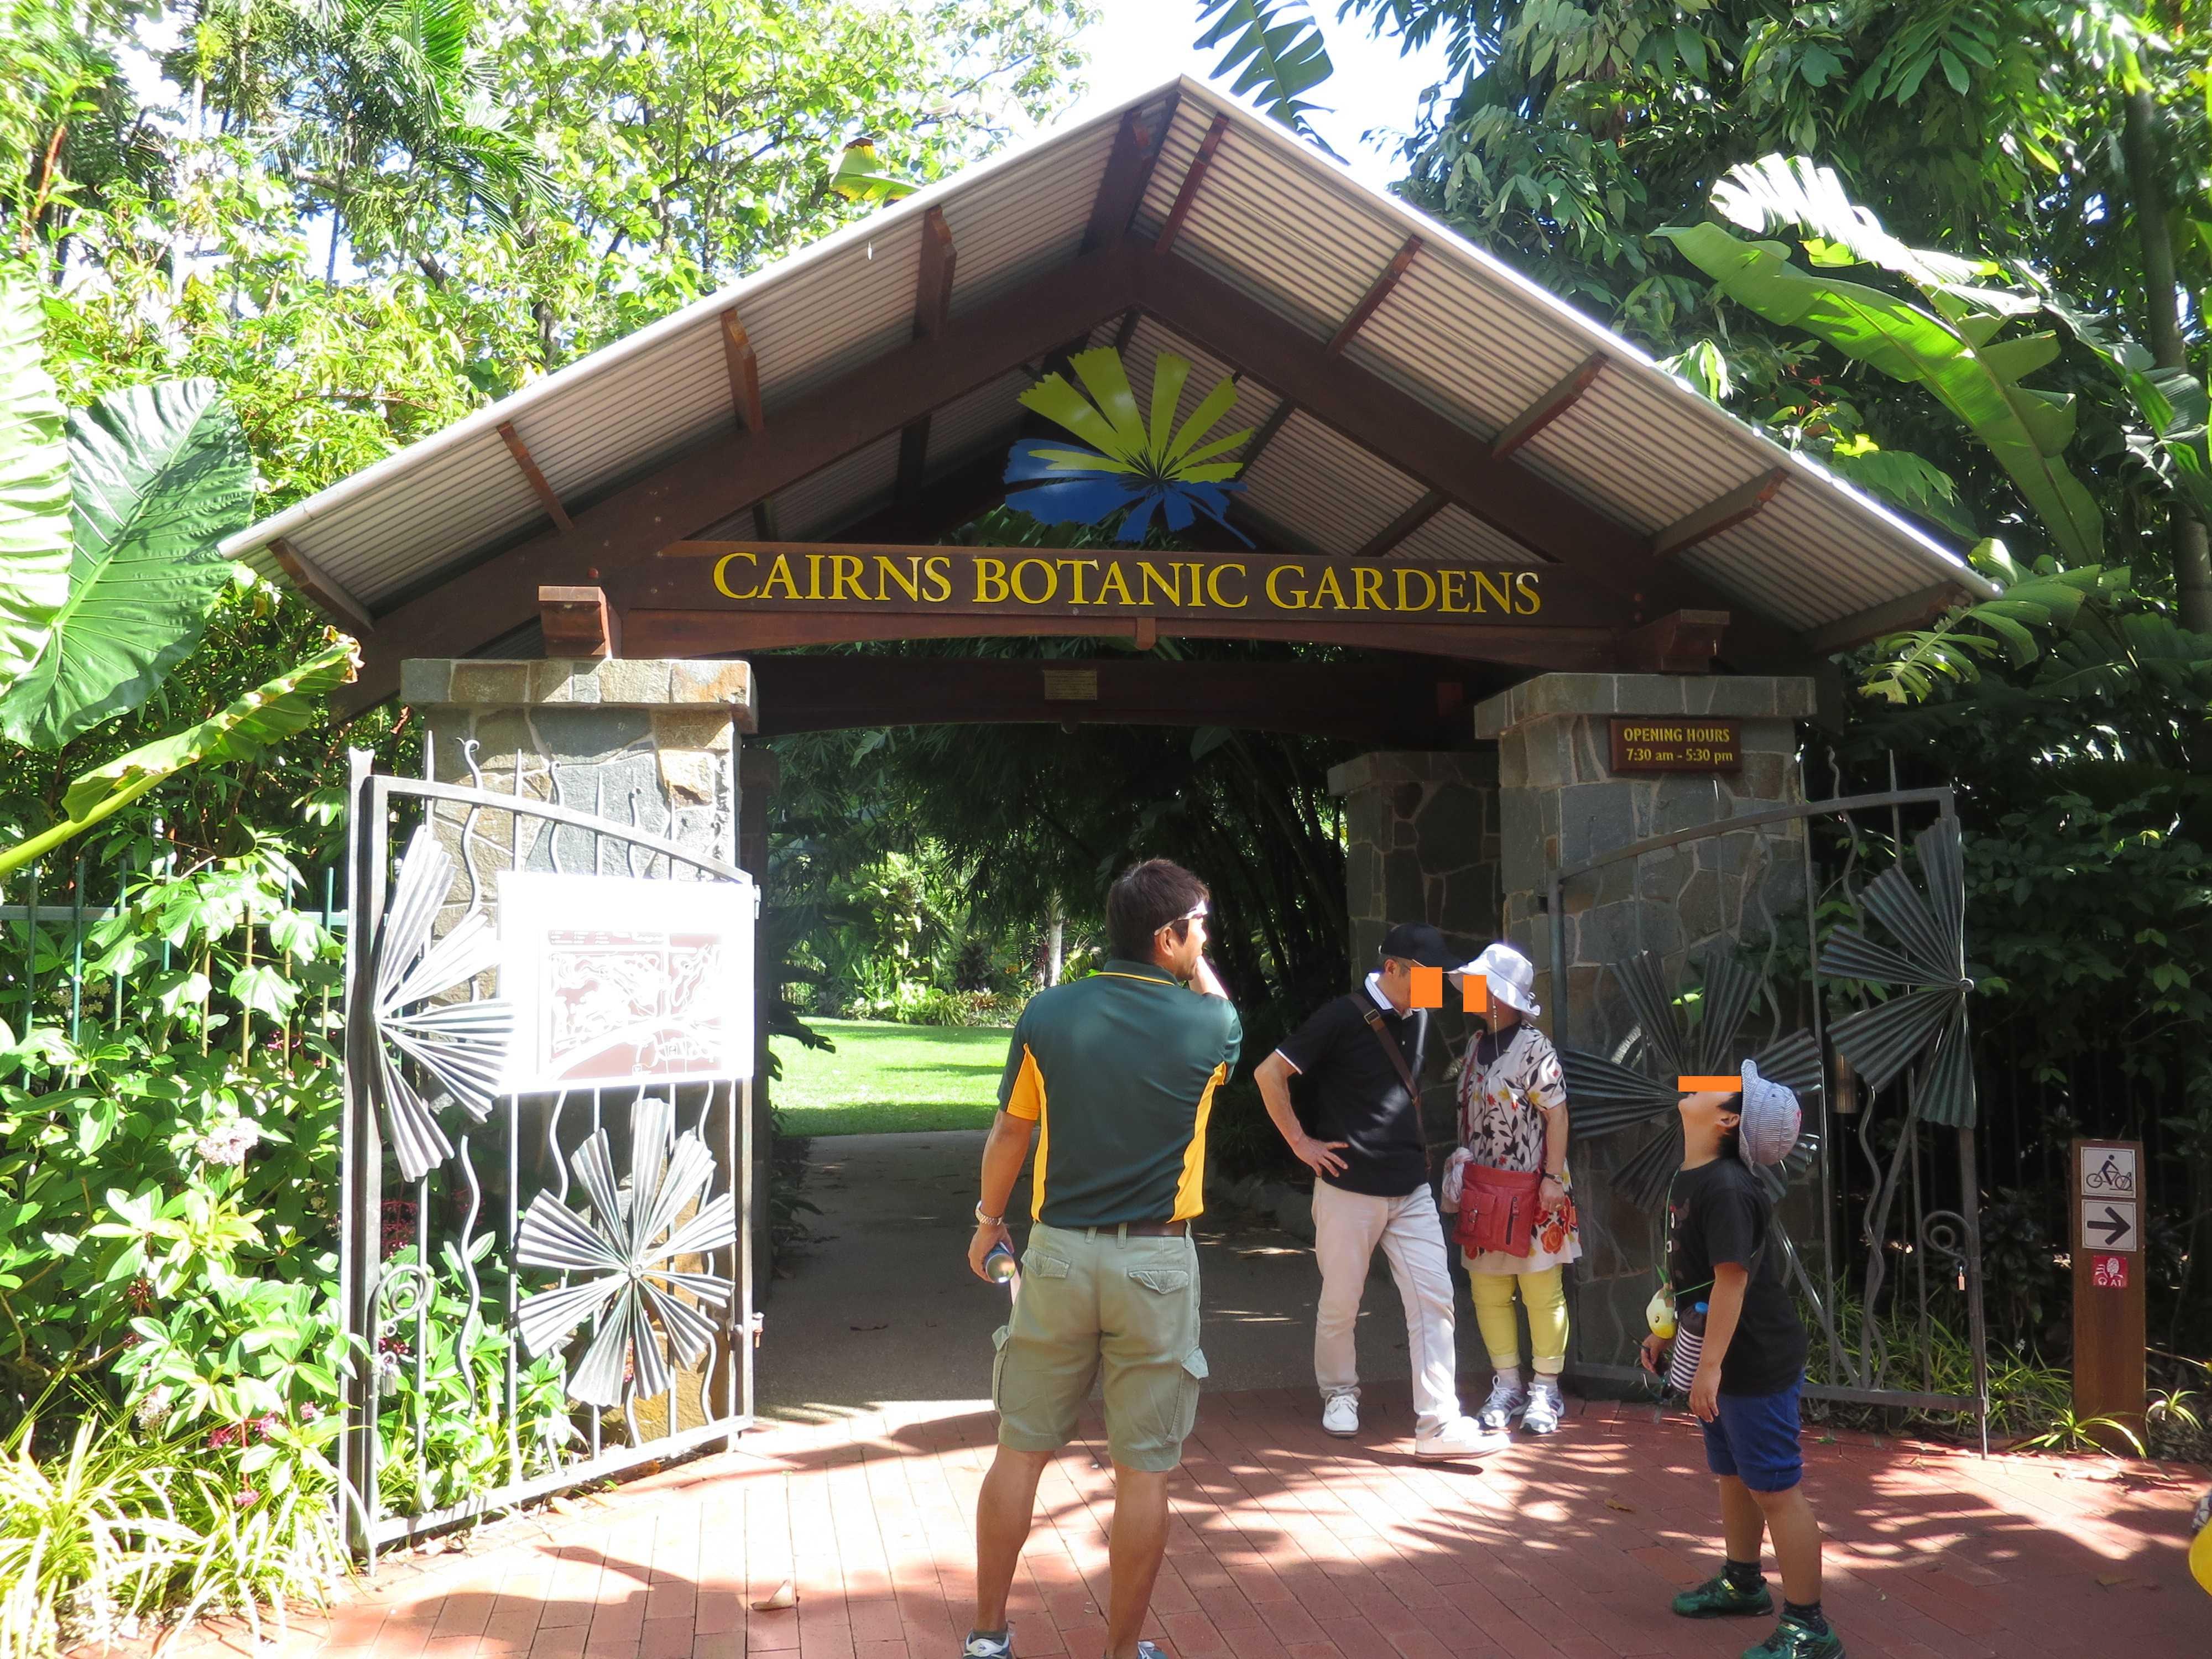 ケアンズボタニックガーデン(熱帯植物園)